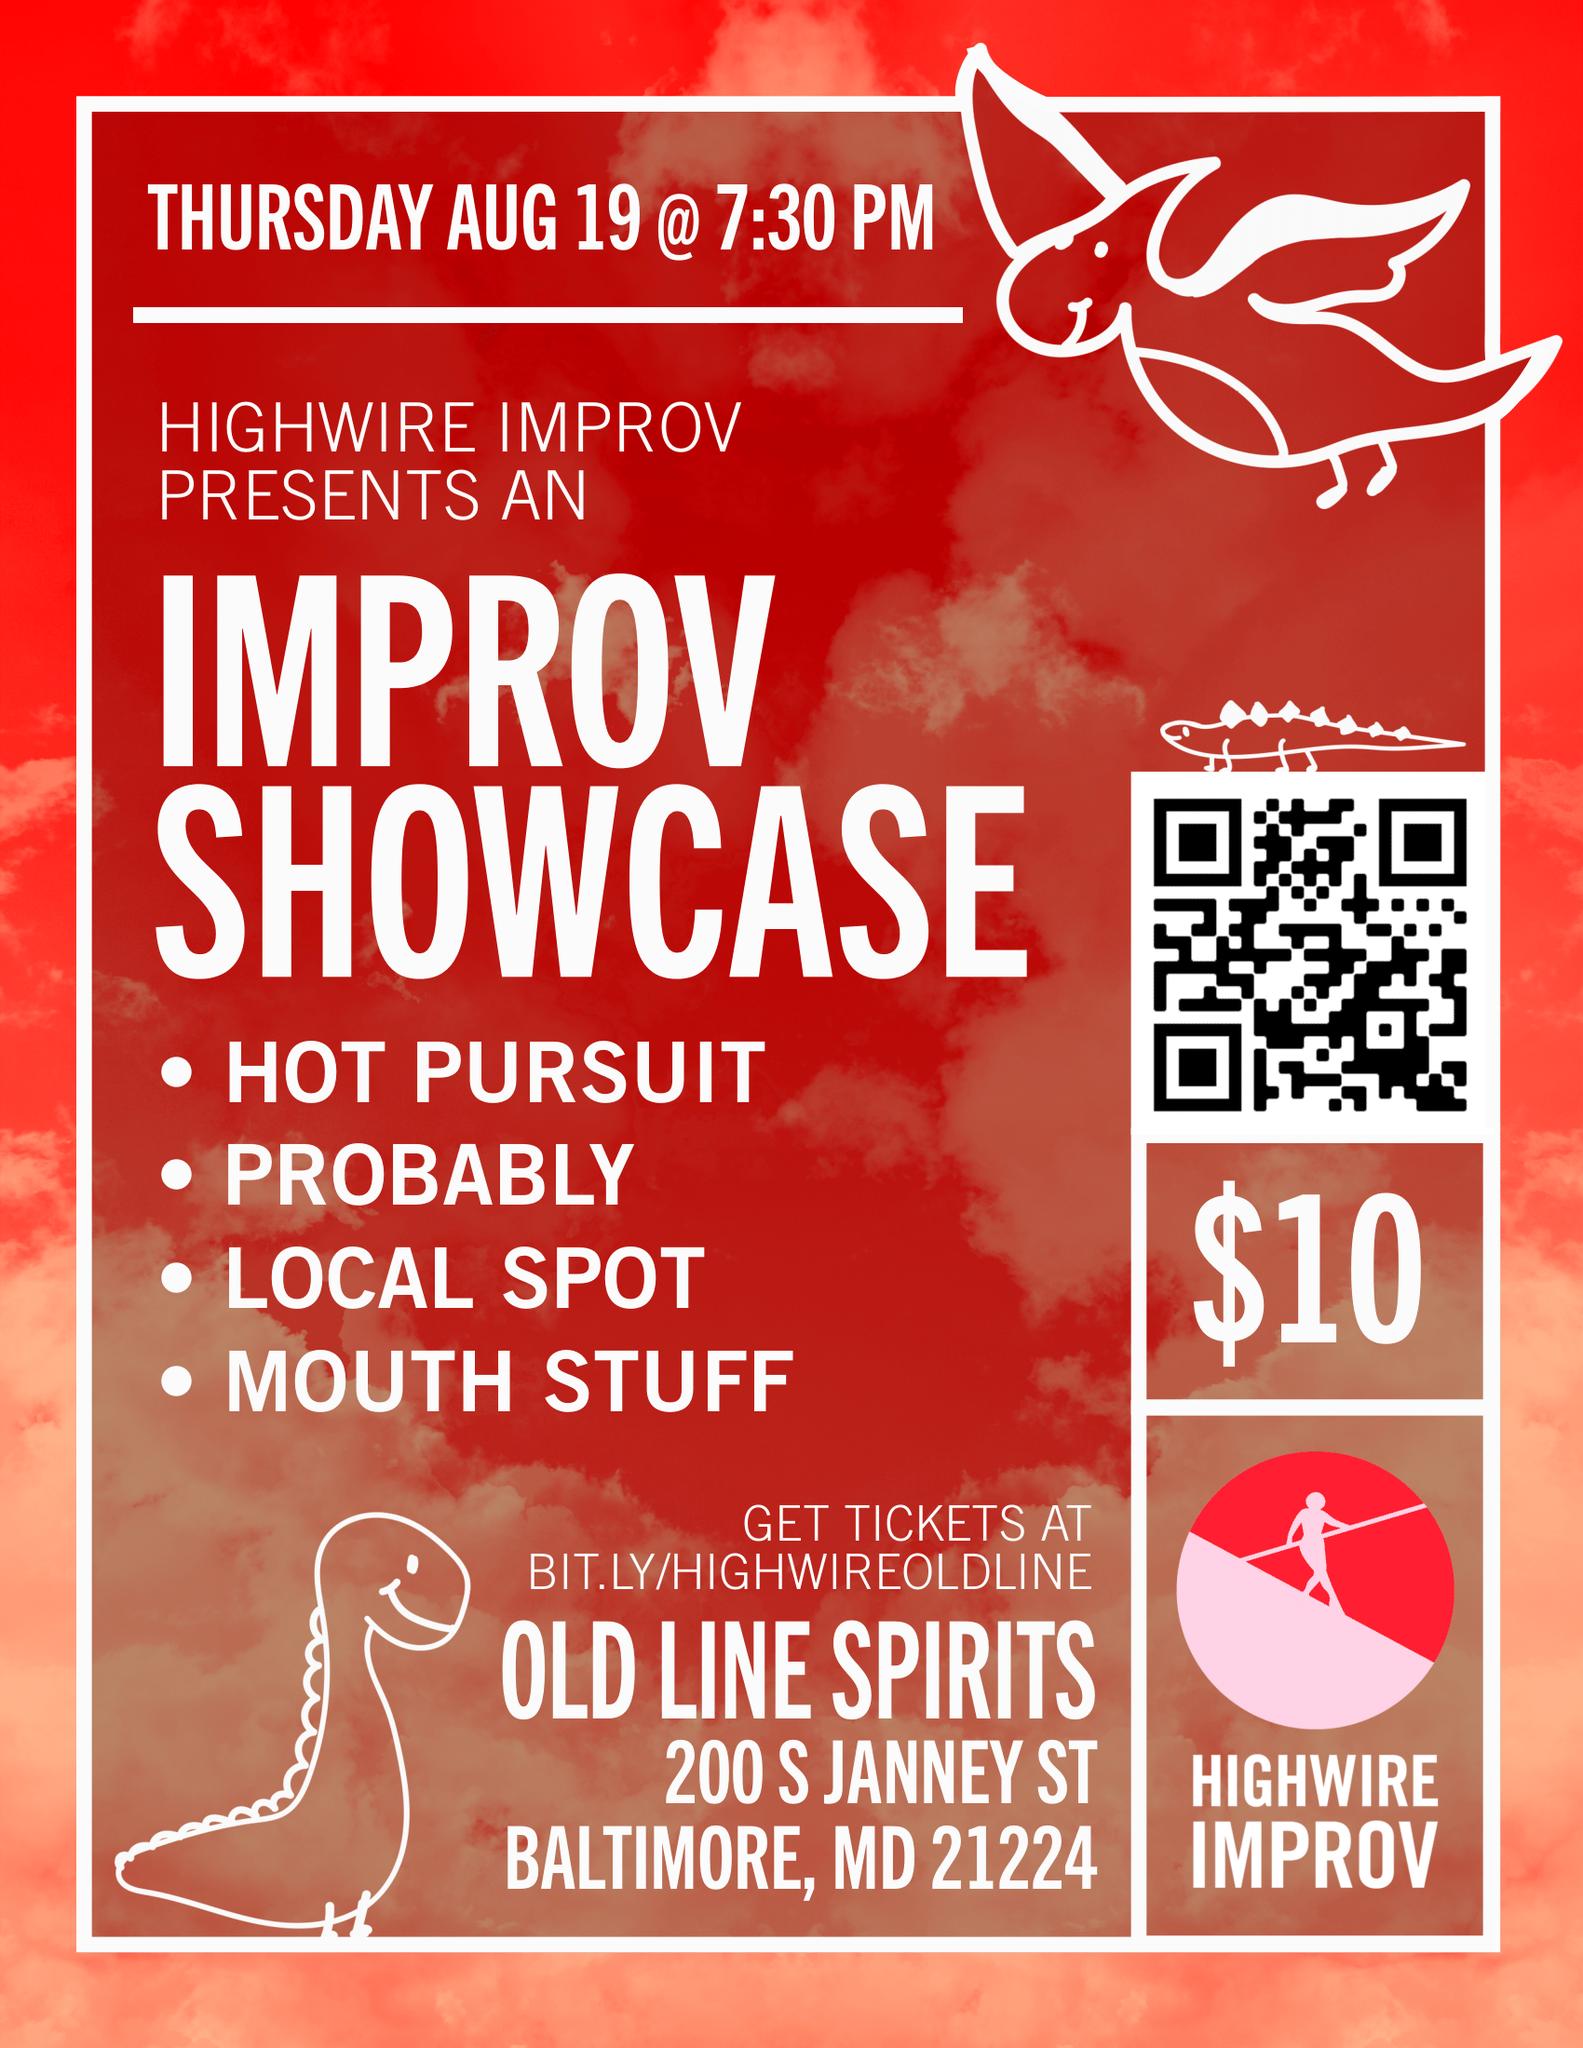 The Spirit of Improv